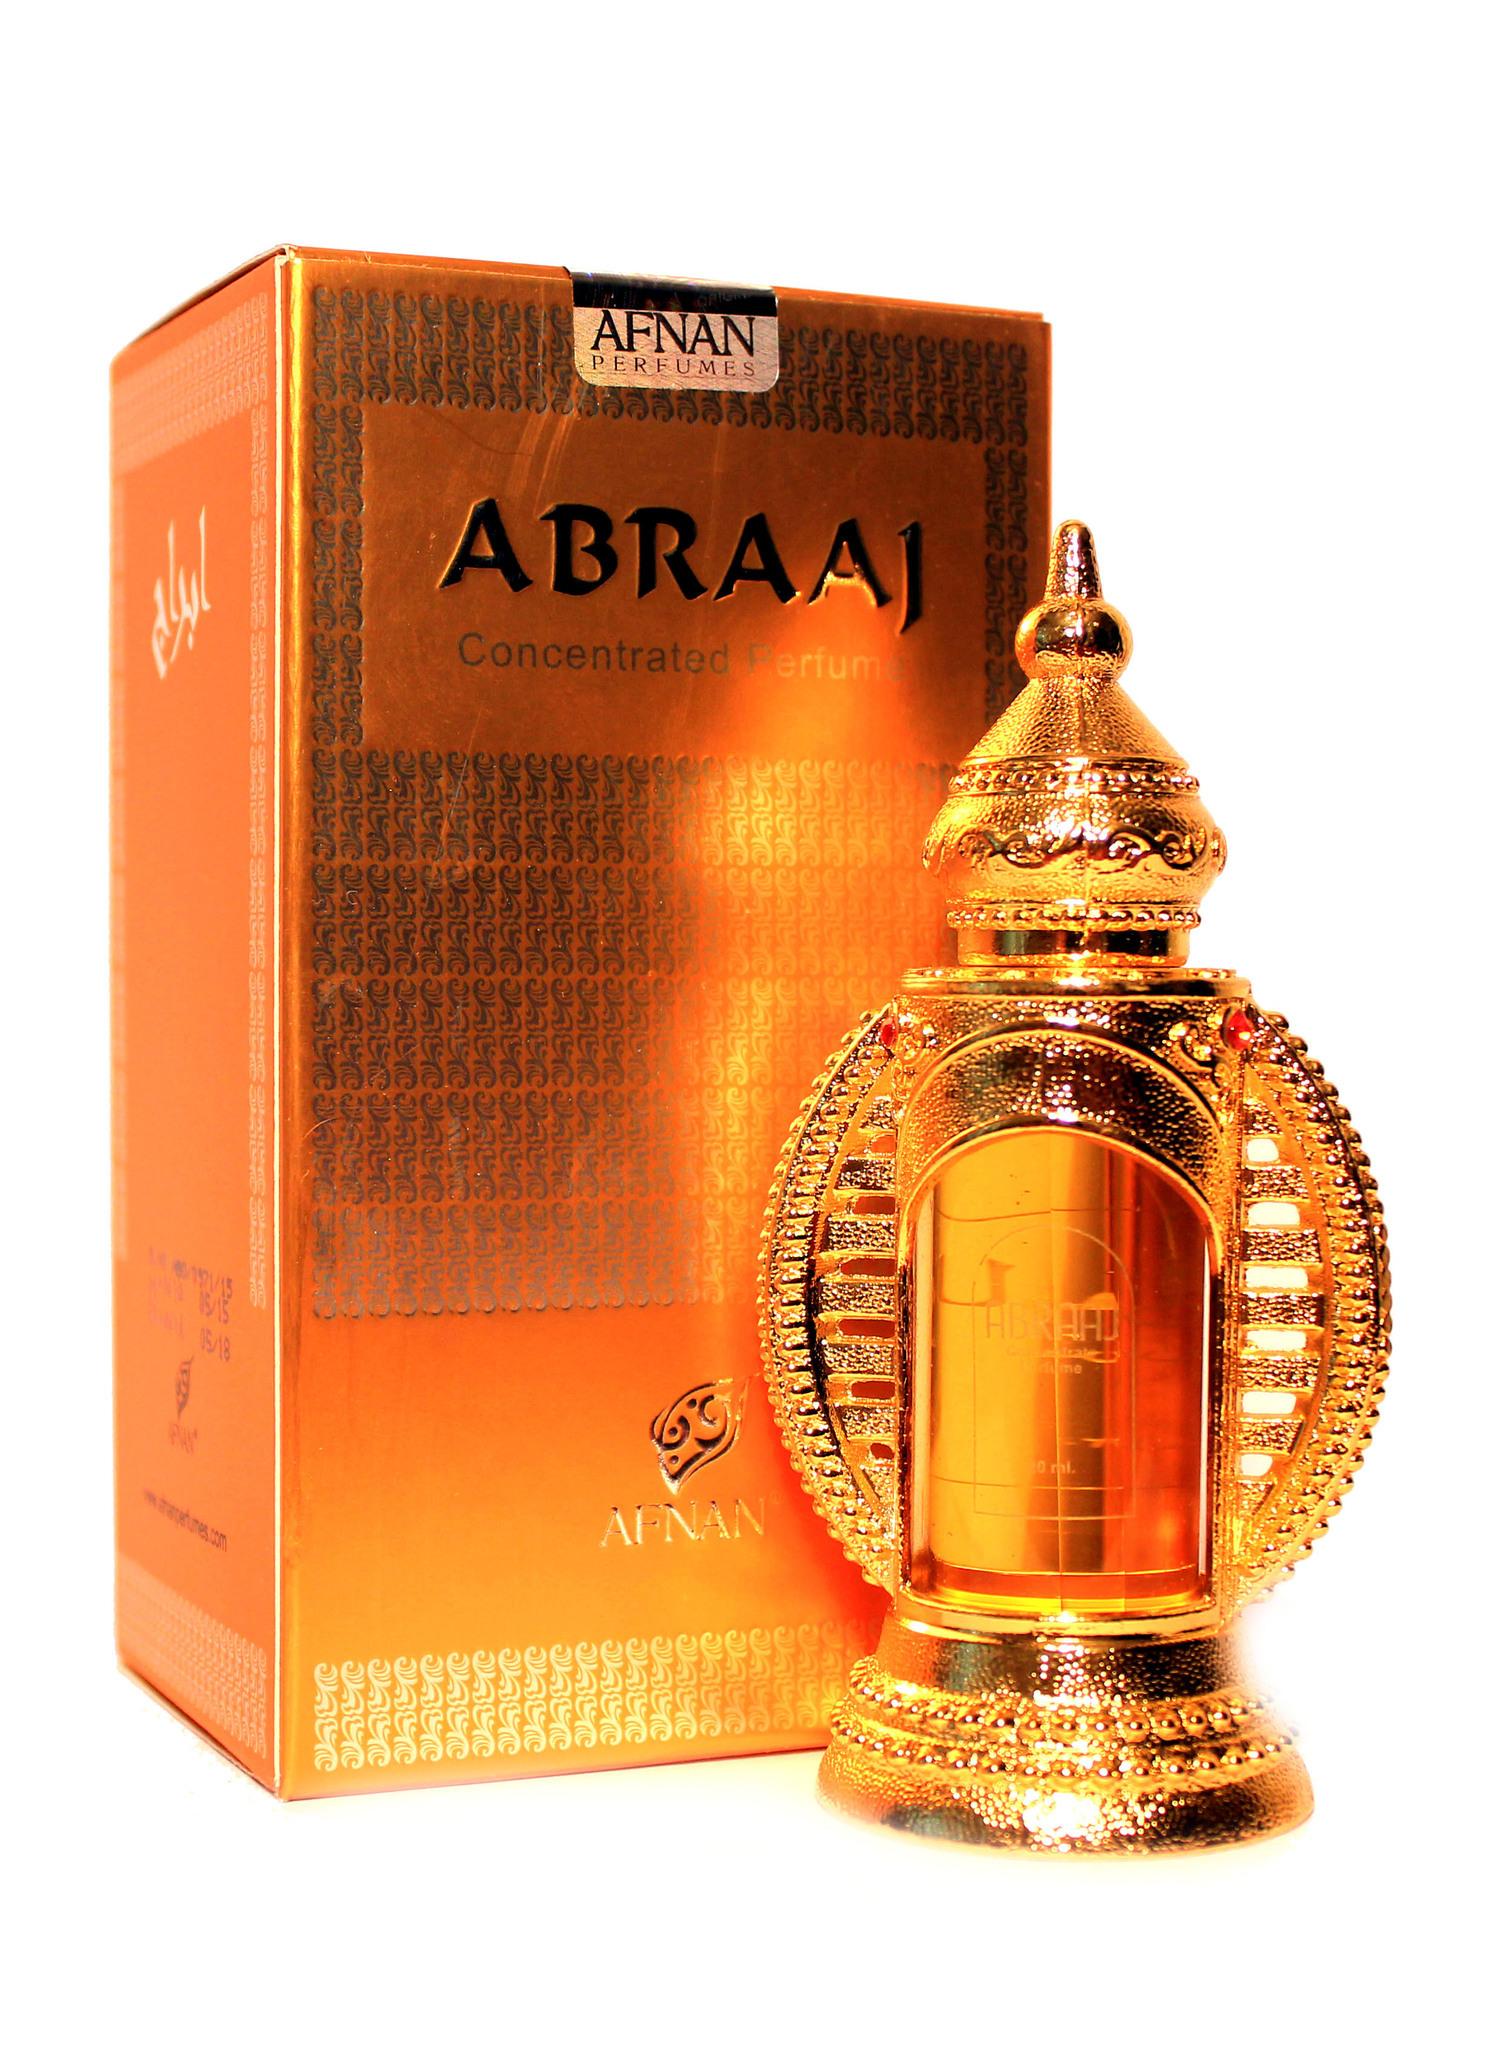 Пробник для  Abraaj Абрадж 1 мл арабские масляные духи от Афнан Парфюм Afnan Perfumes